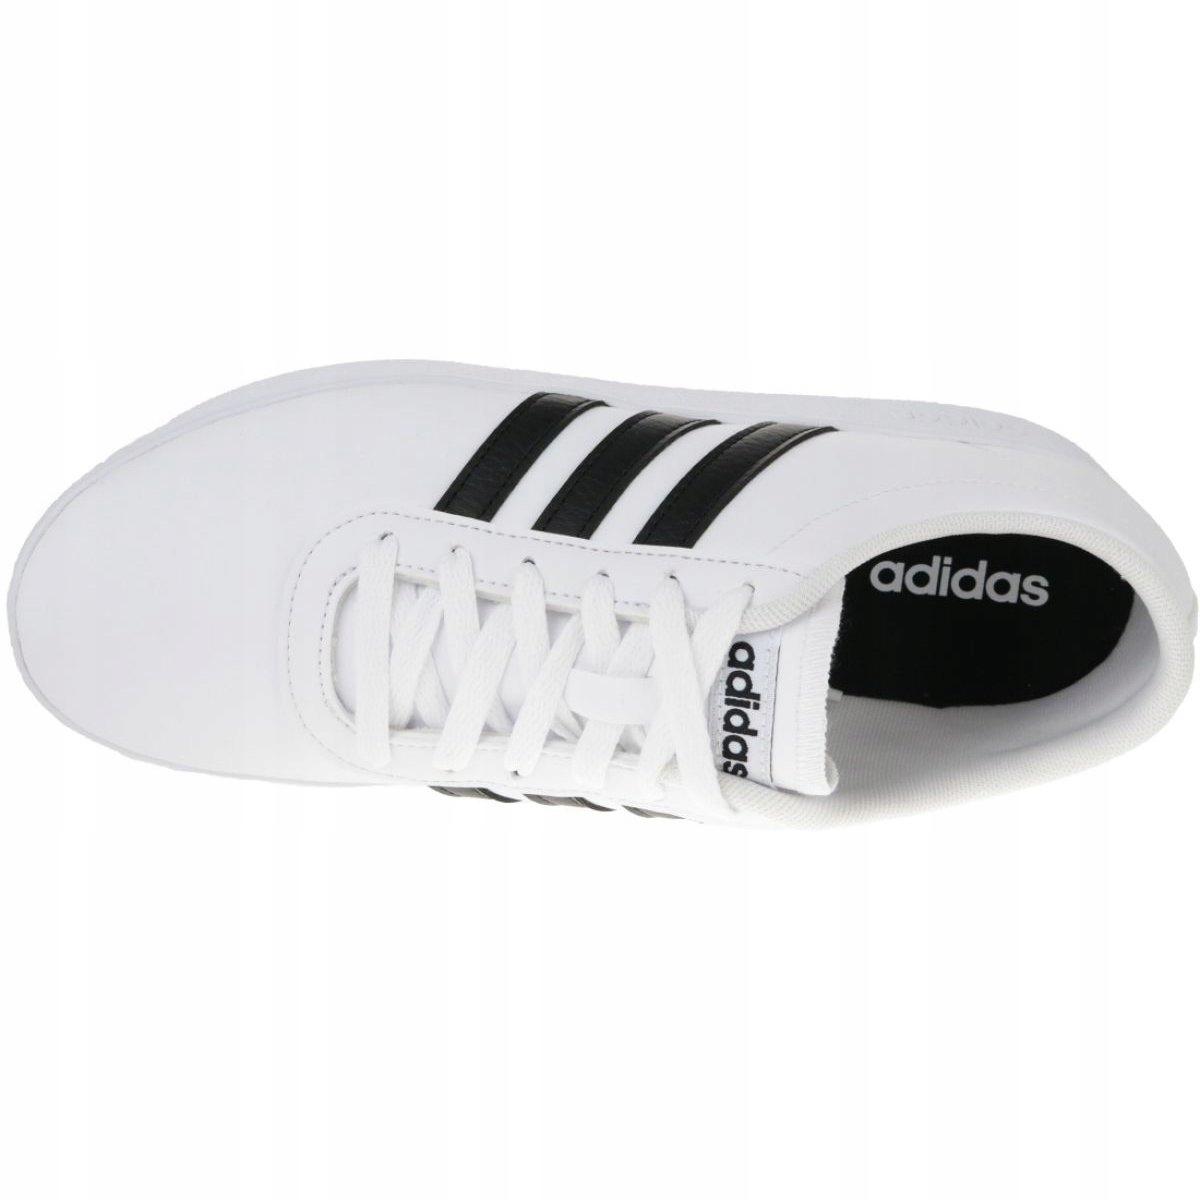 Adidas sportowe obuwie męskie mężczyźni r.44 9140643323